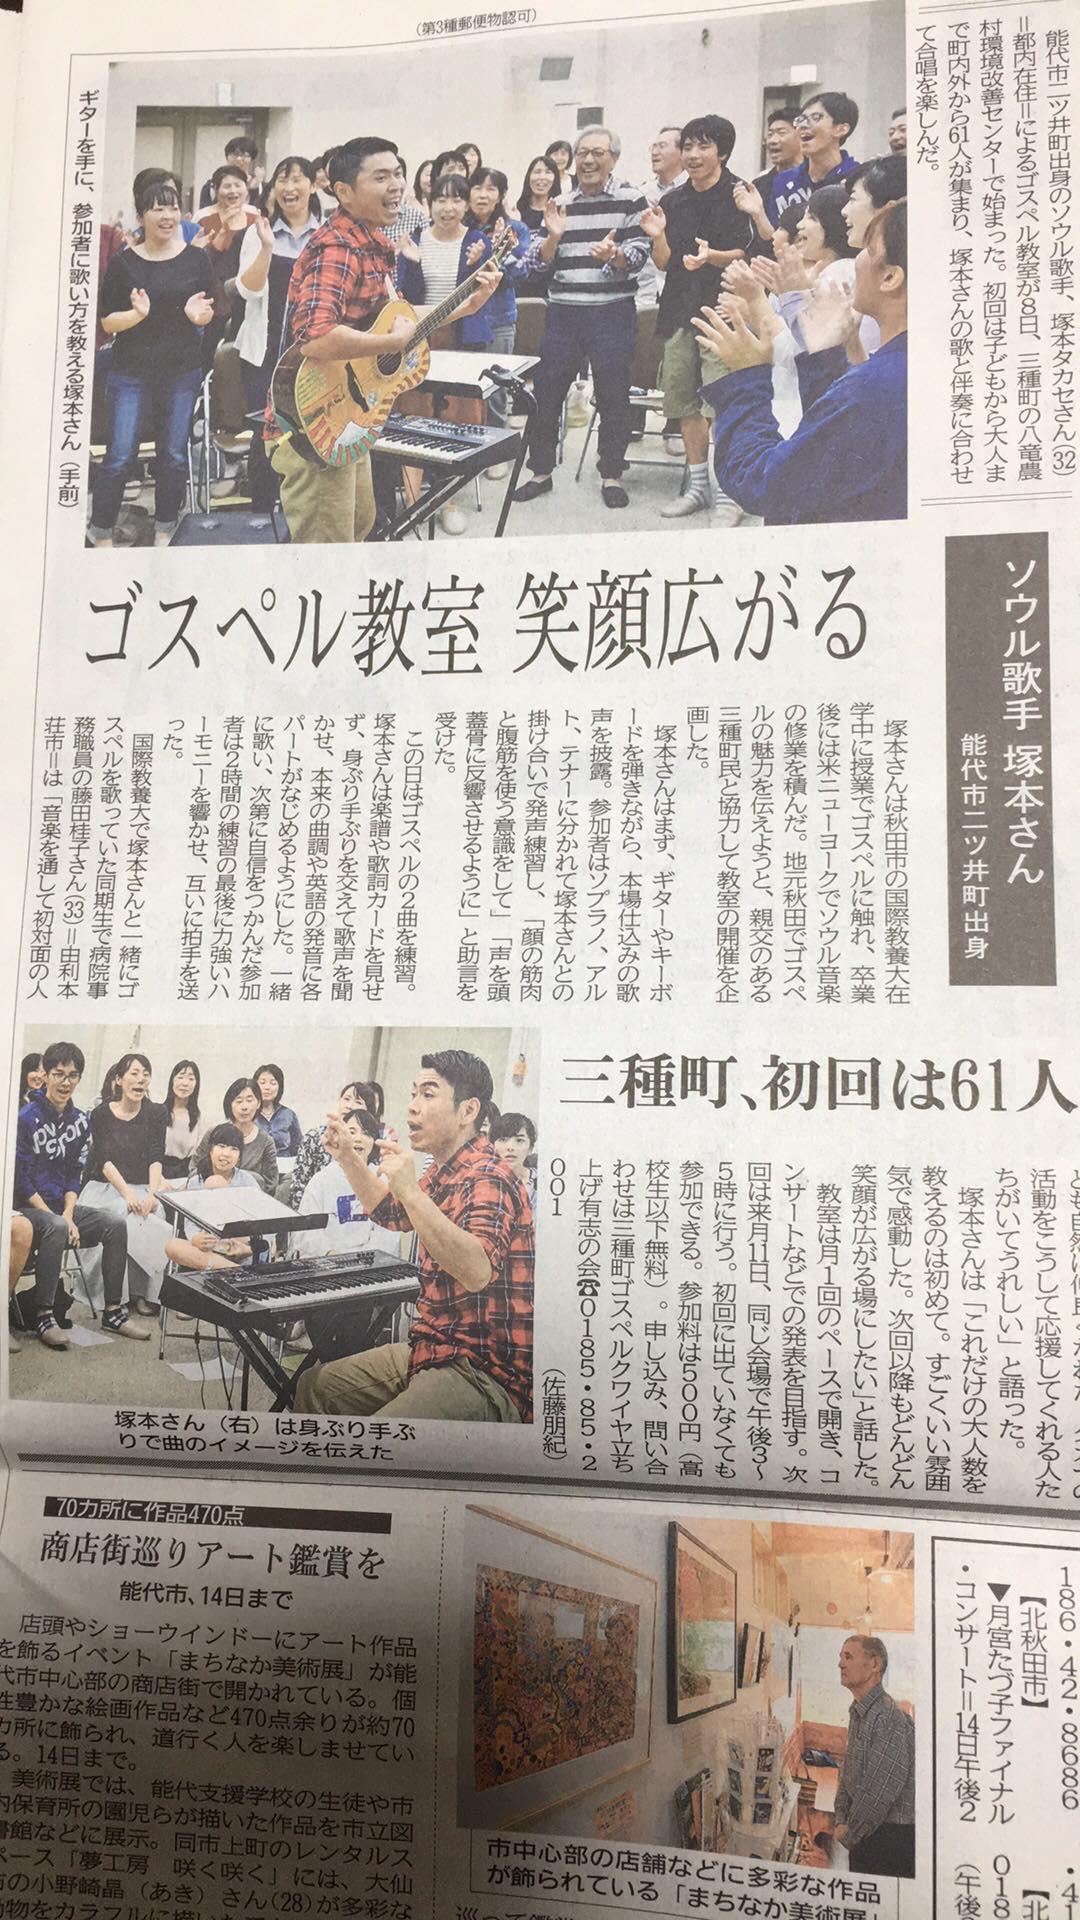 魁 ニュース 秋田 新聞